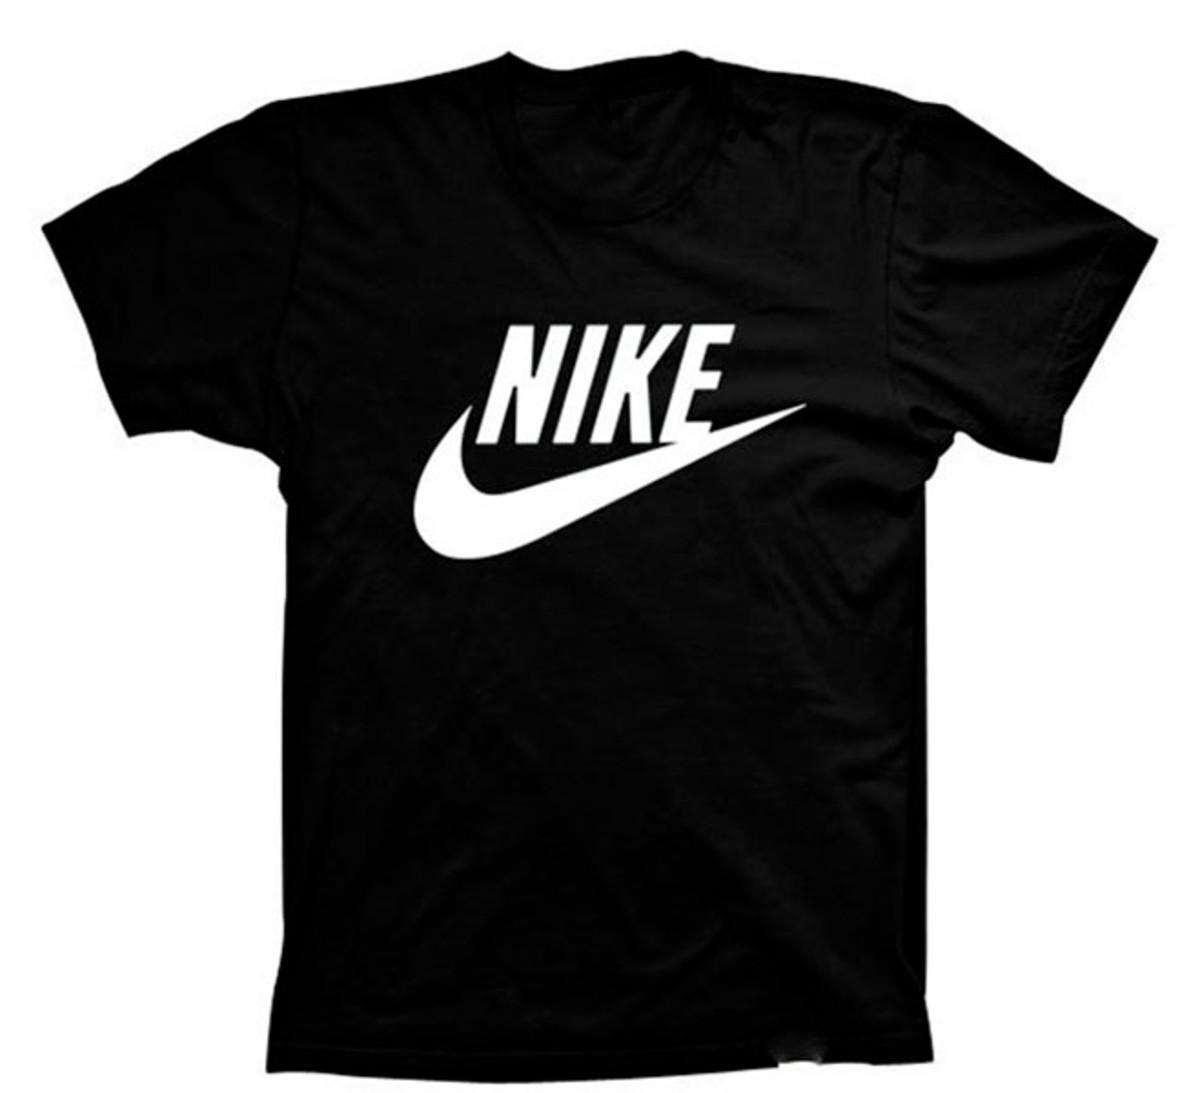 Camiseta Nike 1 Personalizada no Elo7  67a2598faf433